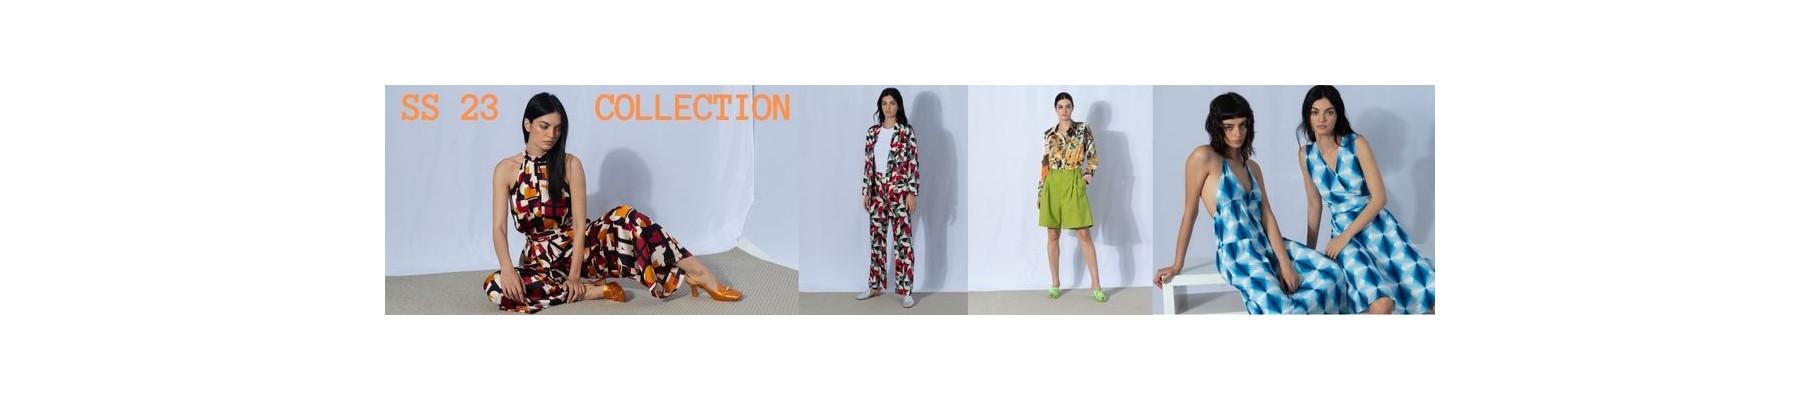 ANONYME designers - Tienda online de moda para Mujer